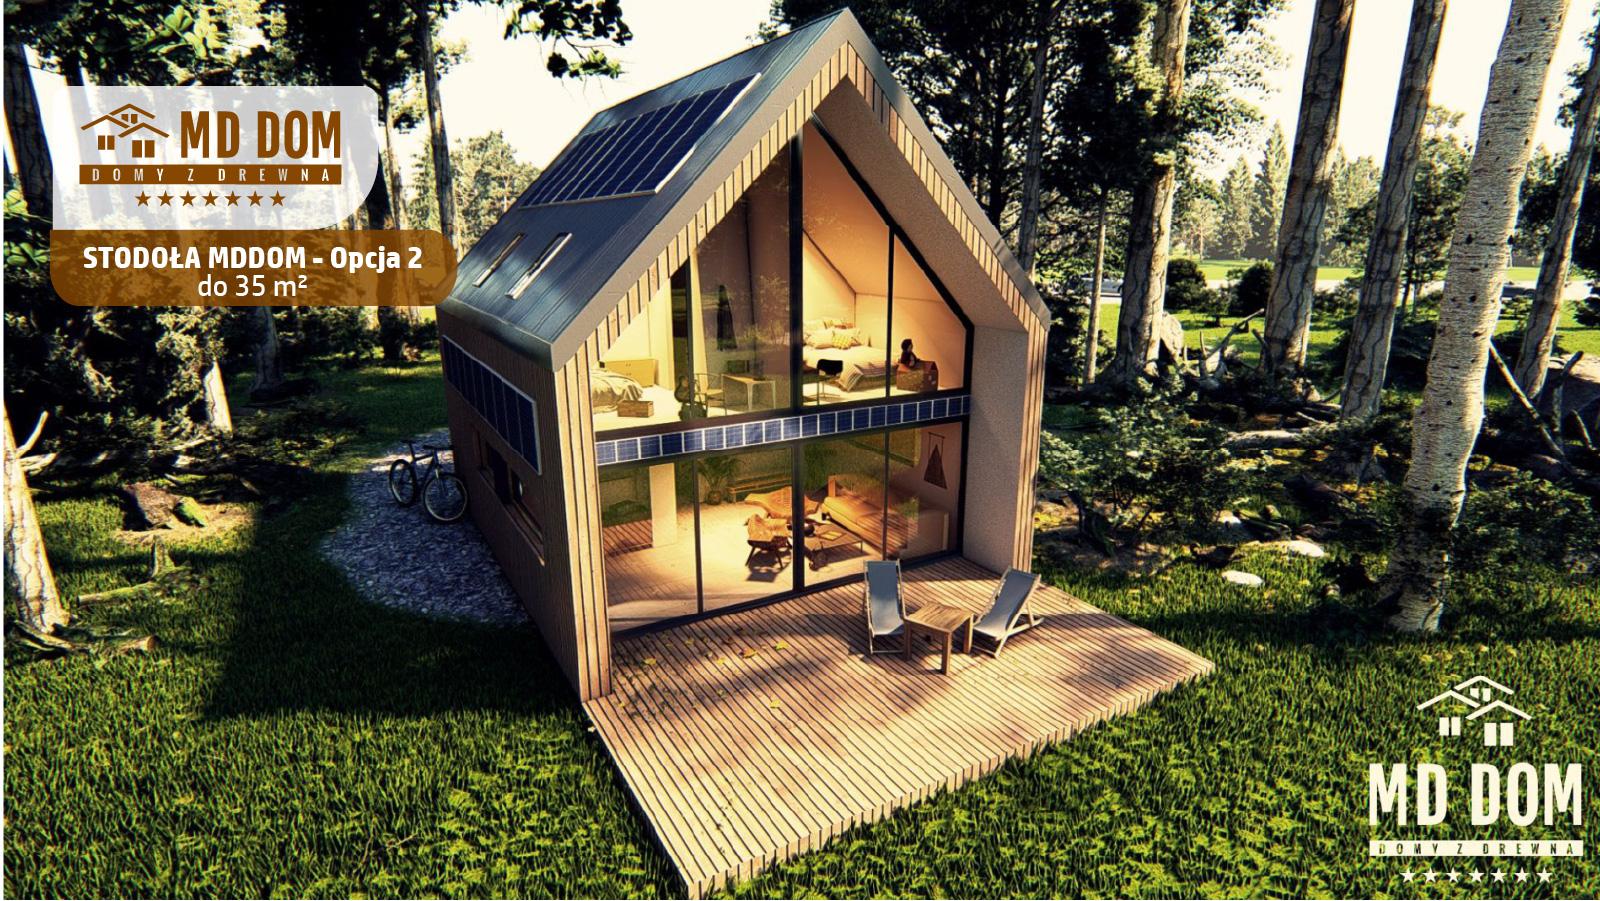 projekt stodoła md dom 35m2 opcja 2